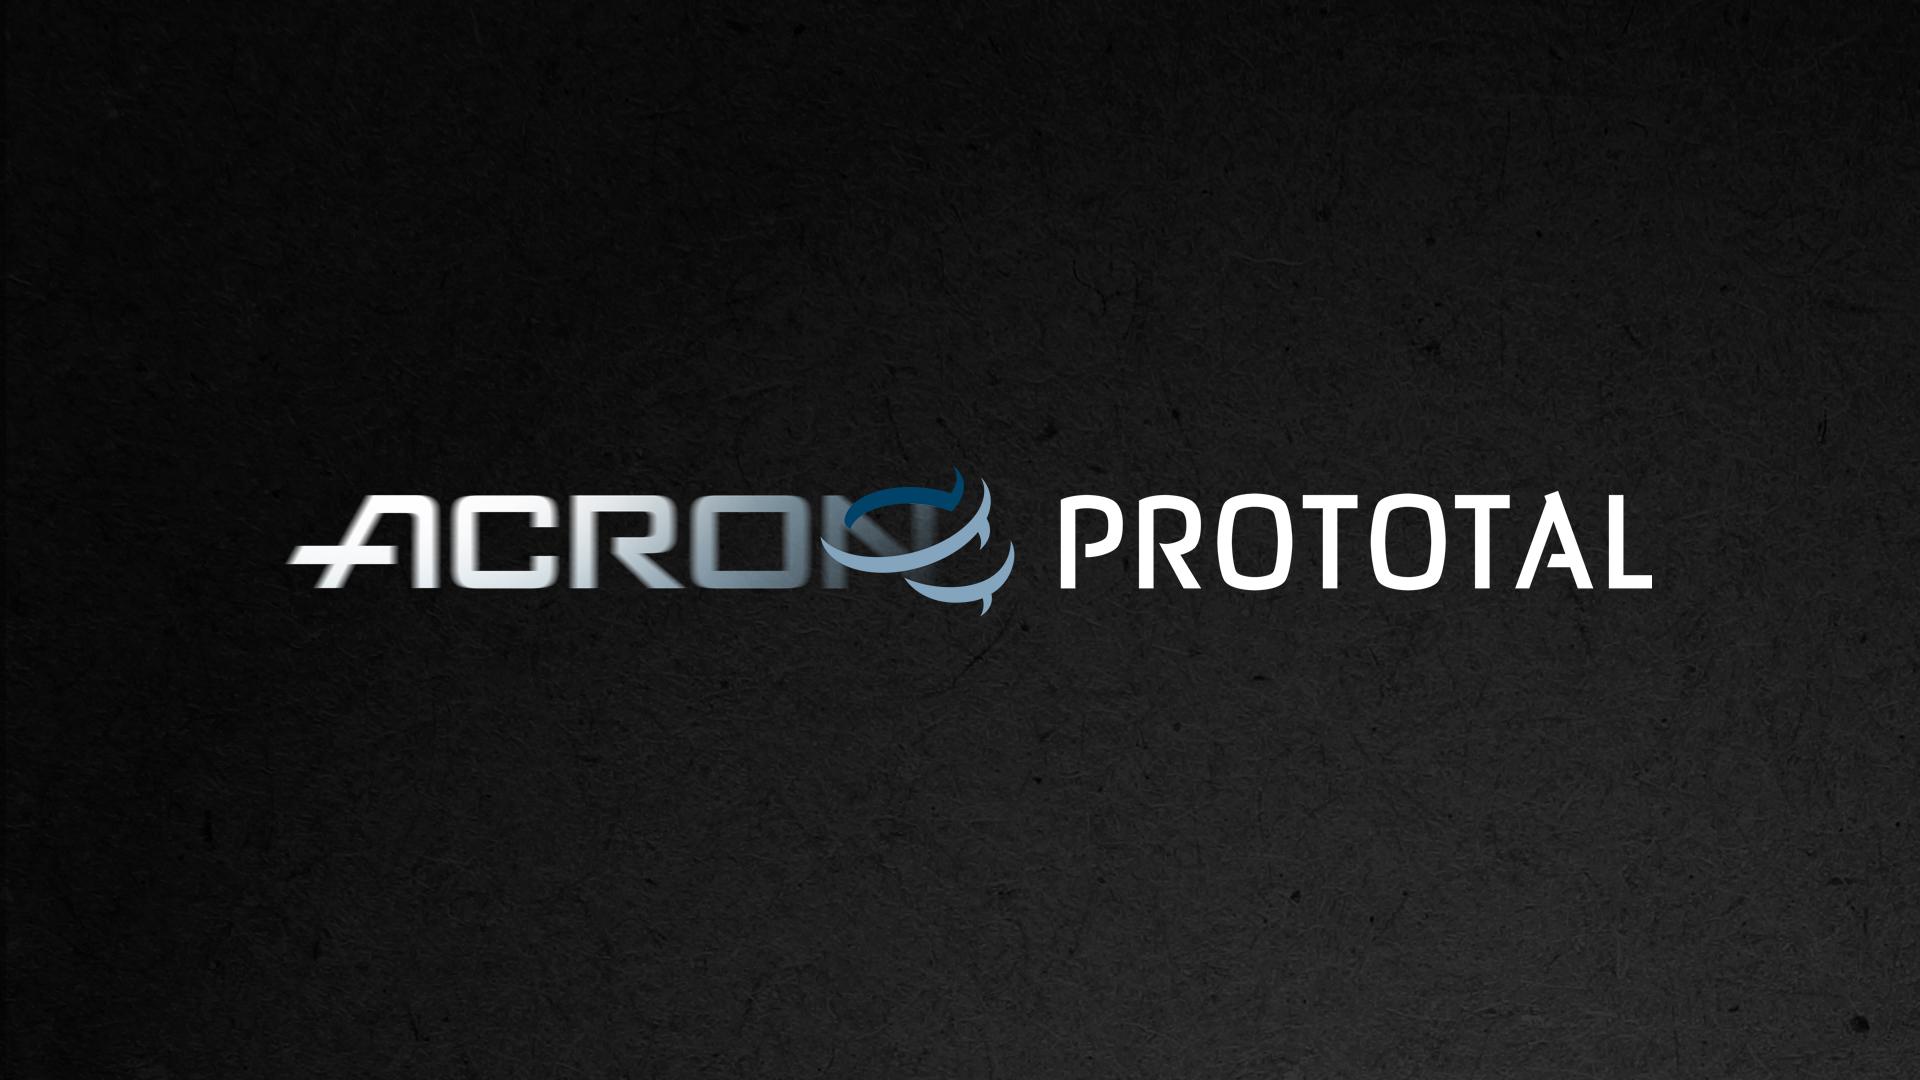 Prototal förvärvar ACRON